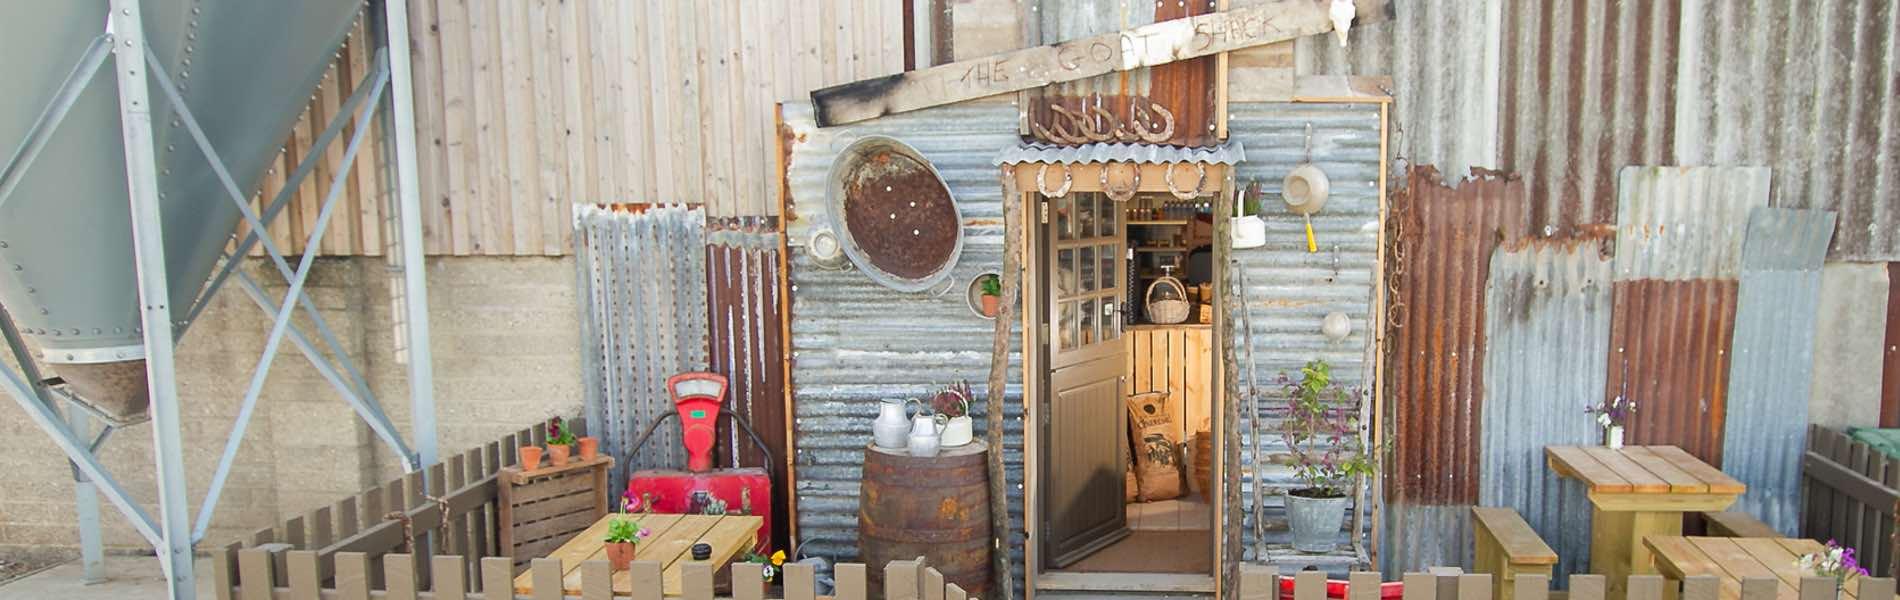 The Goat Shack Farm Shop Front